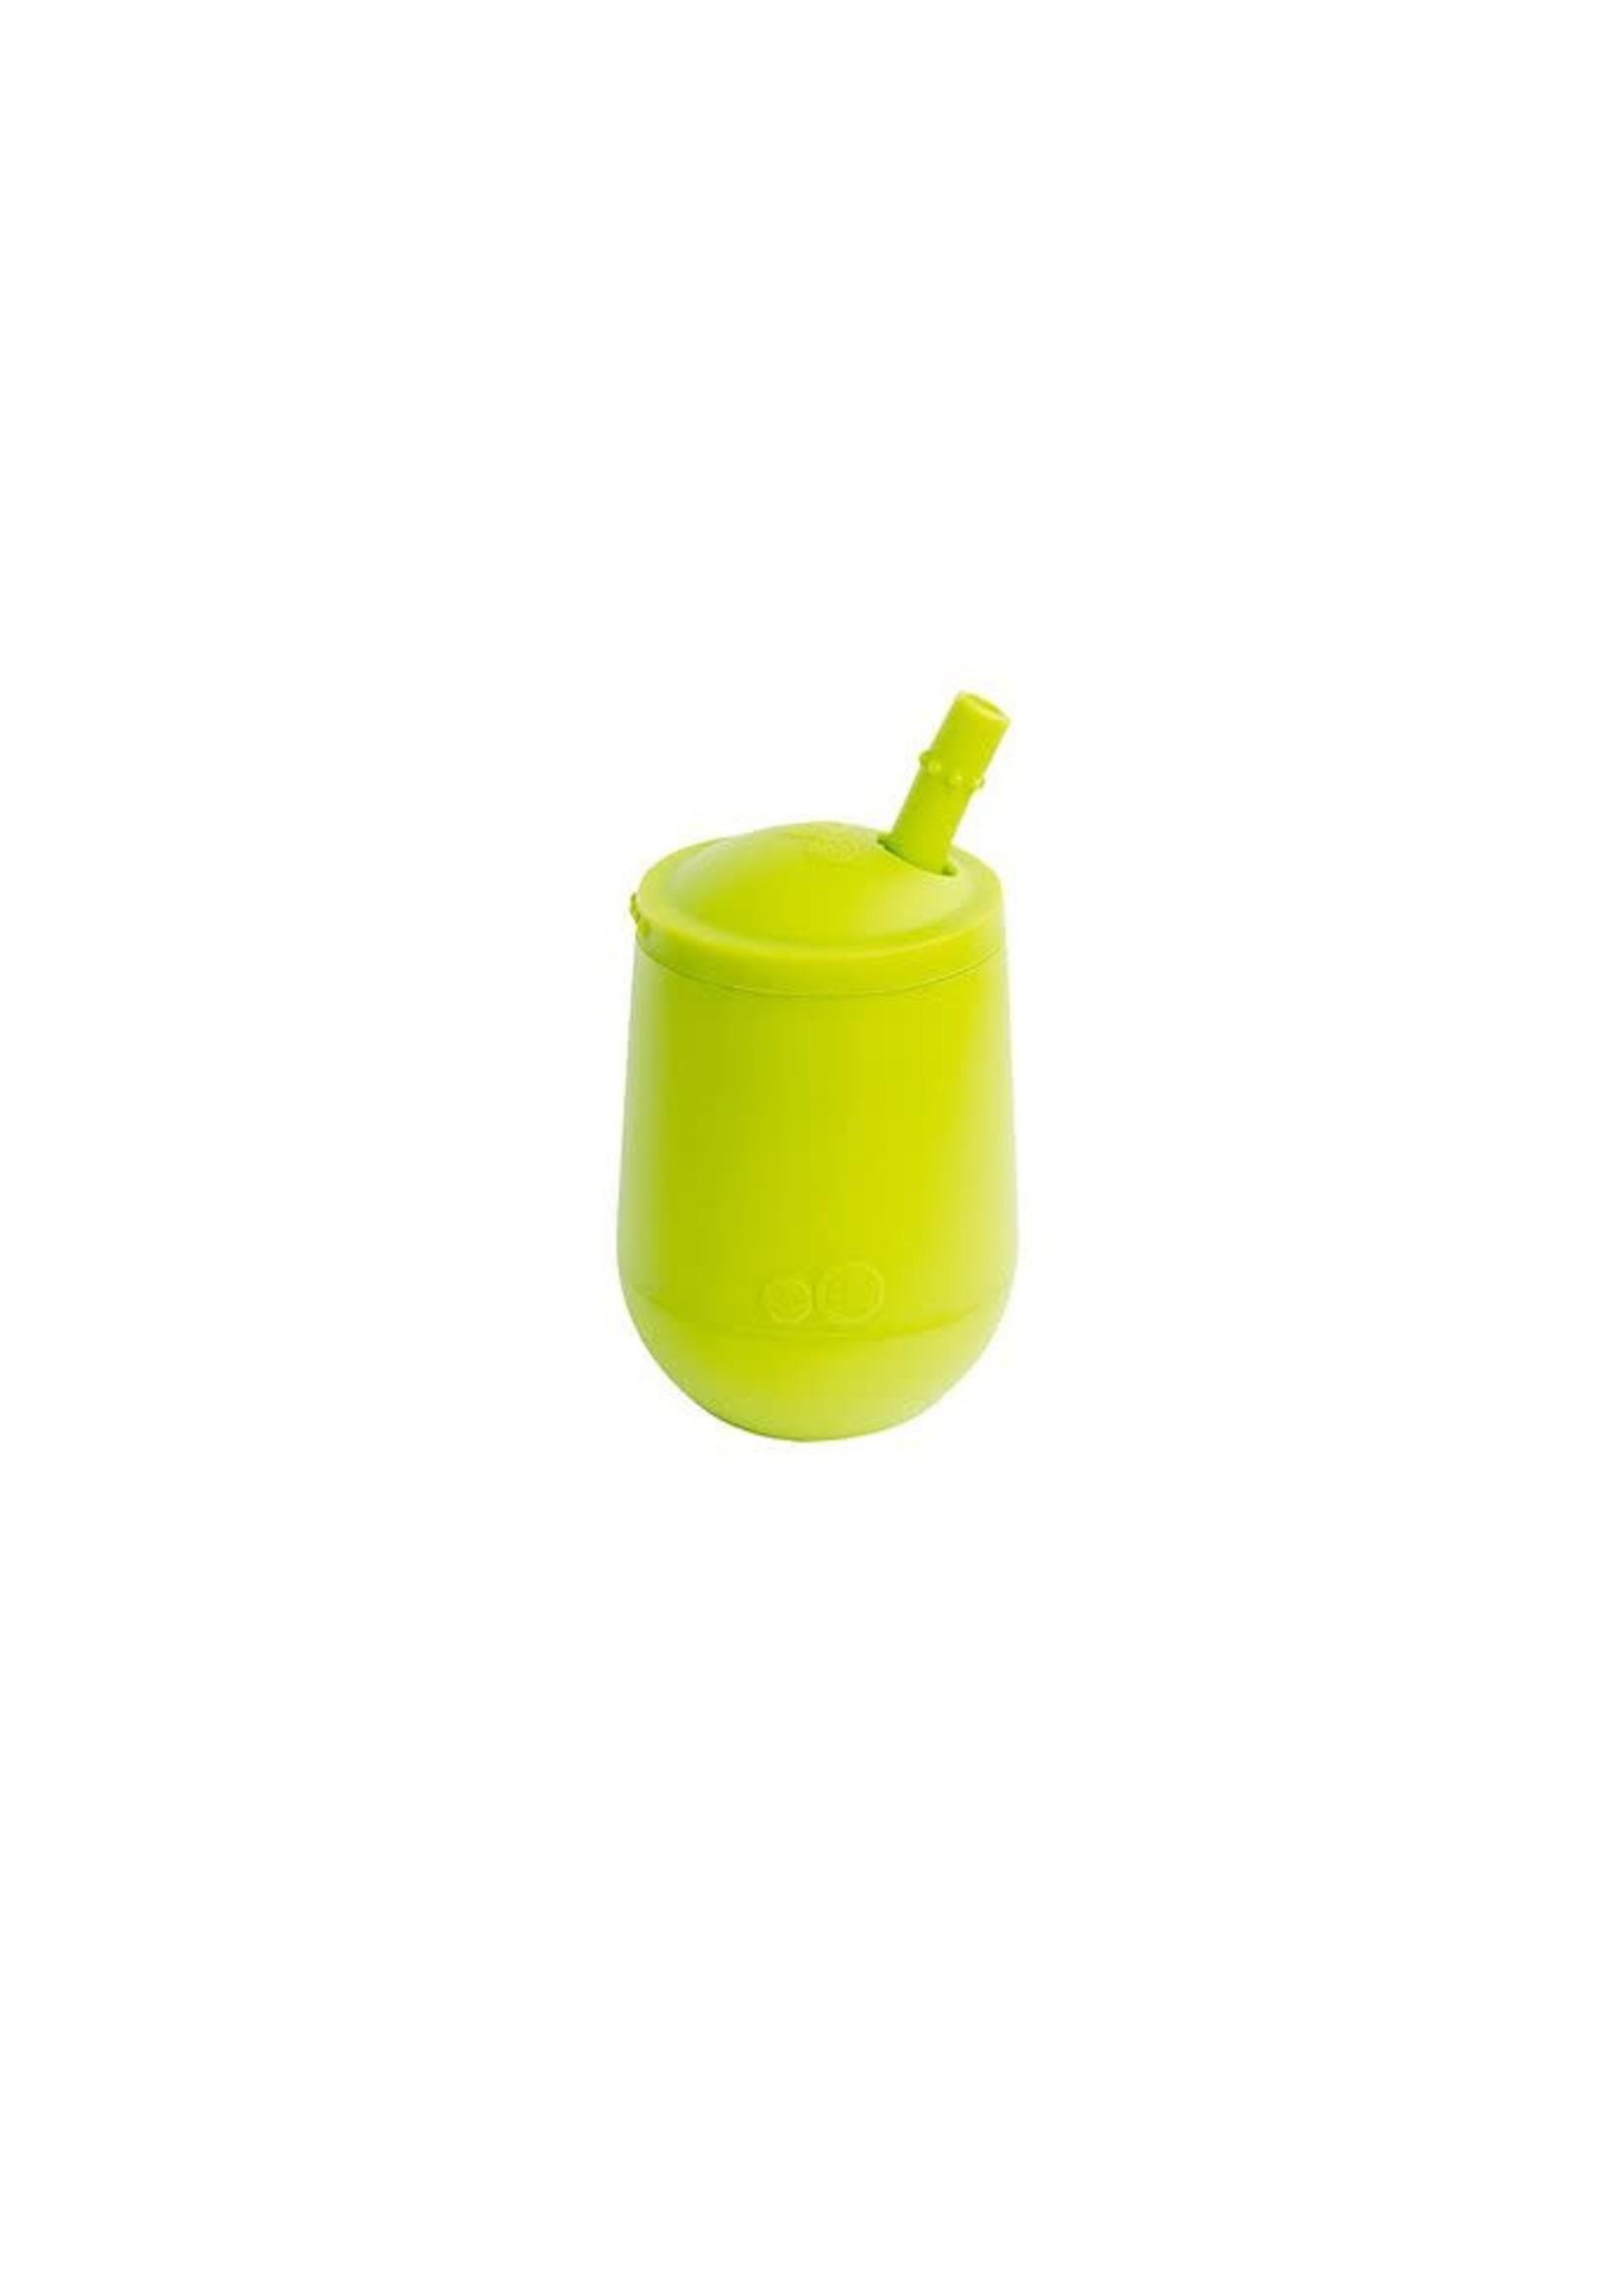 EZPZ ezpz Mini Cup + Straw Training System (Lime)